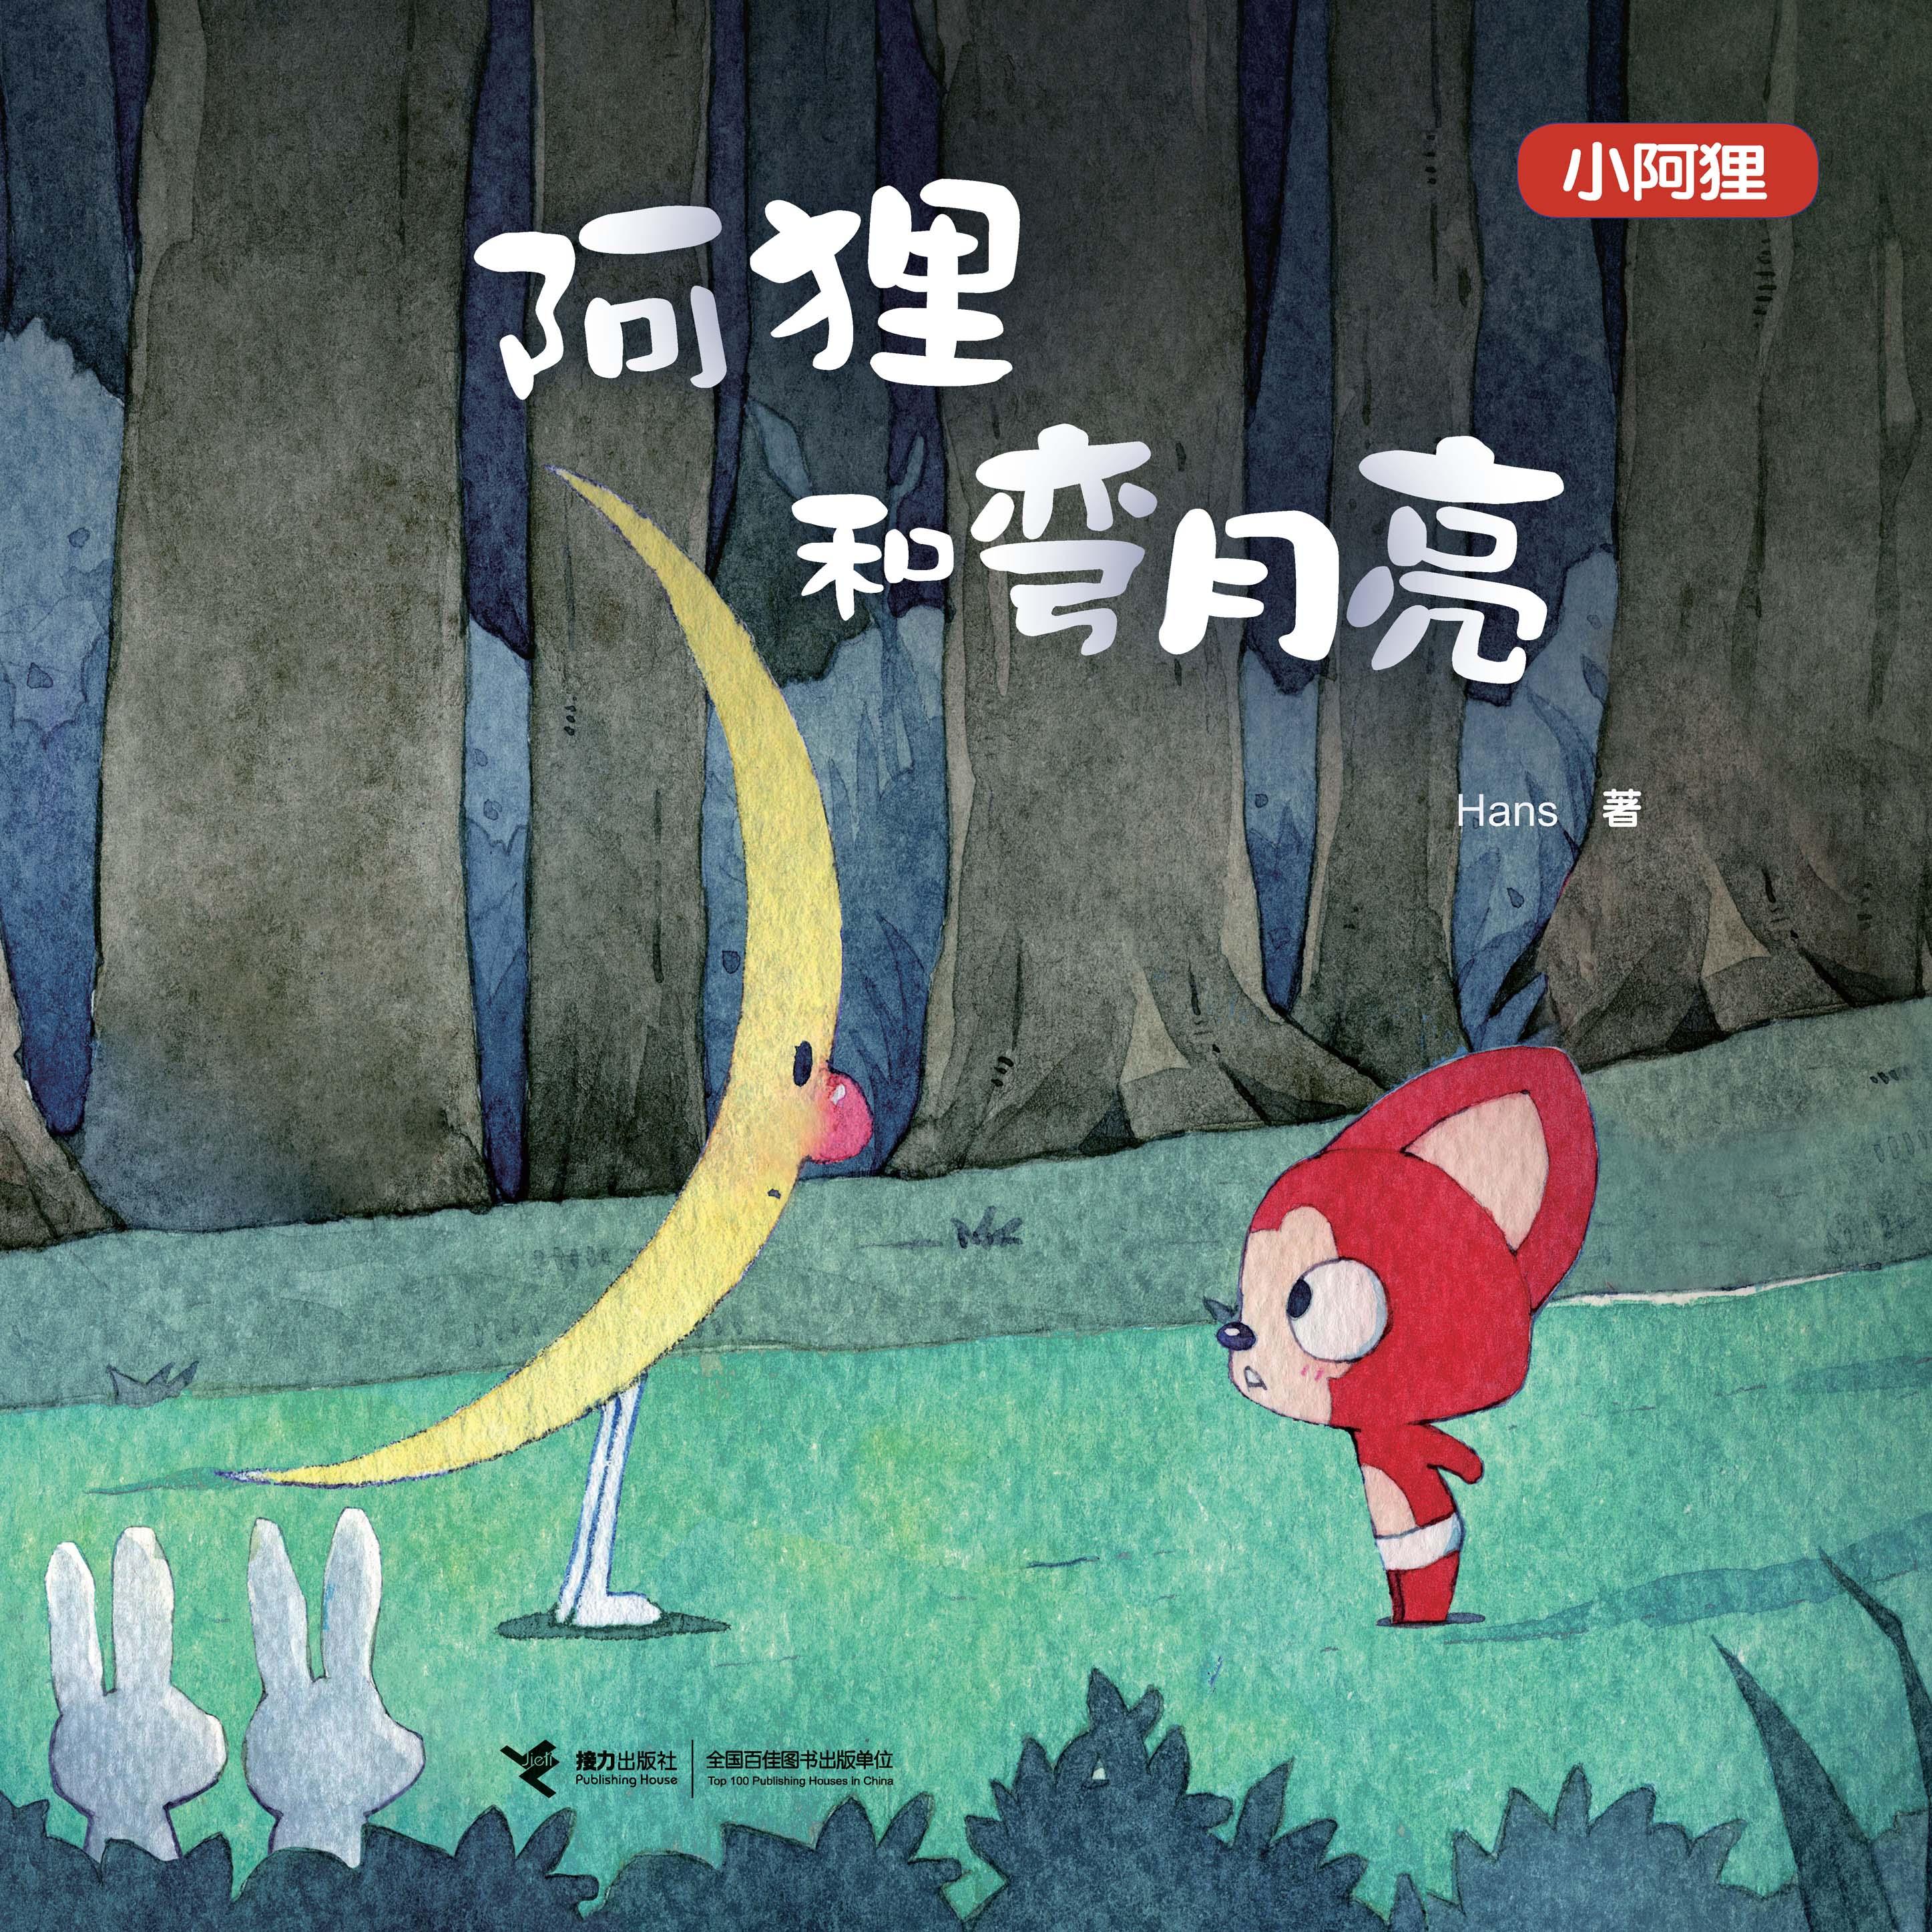 阿狸和弯月亮